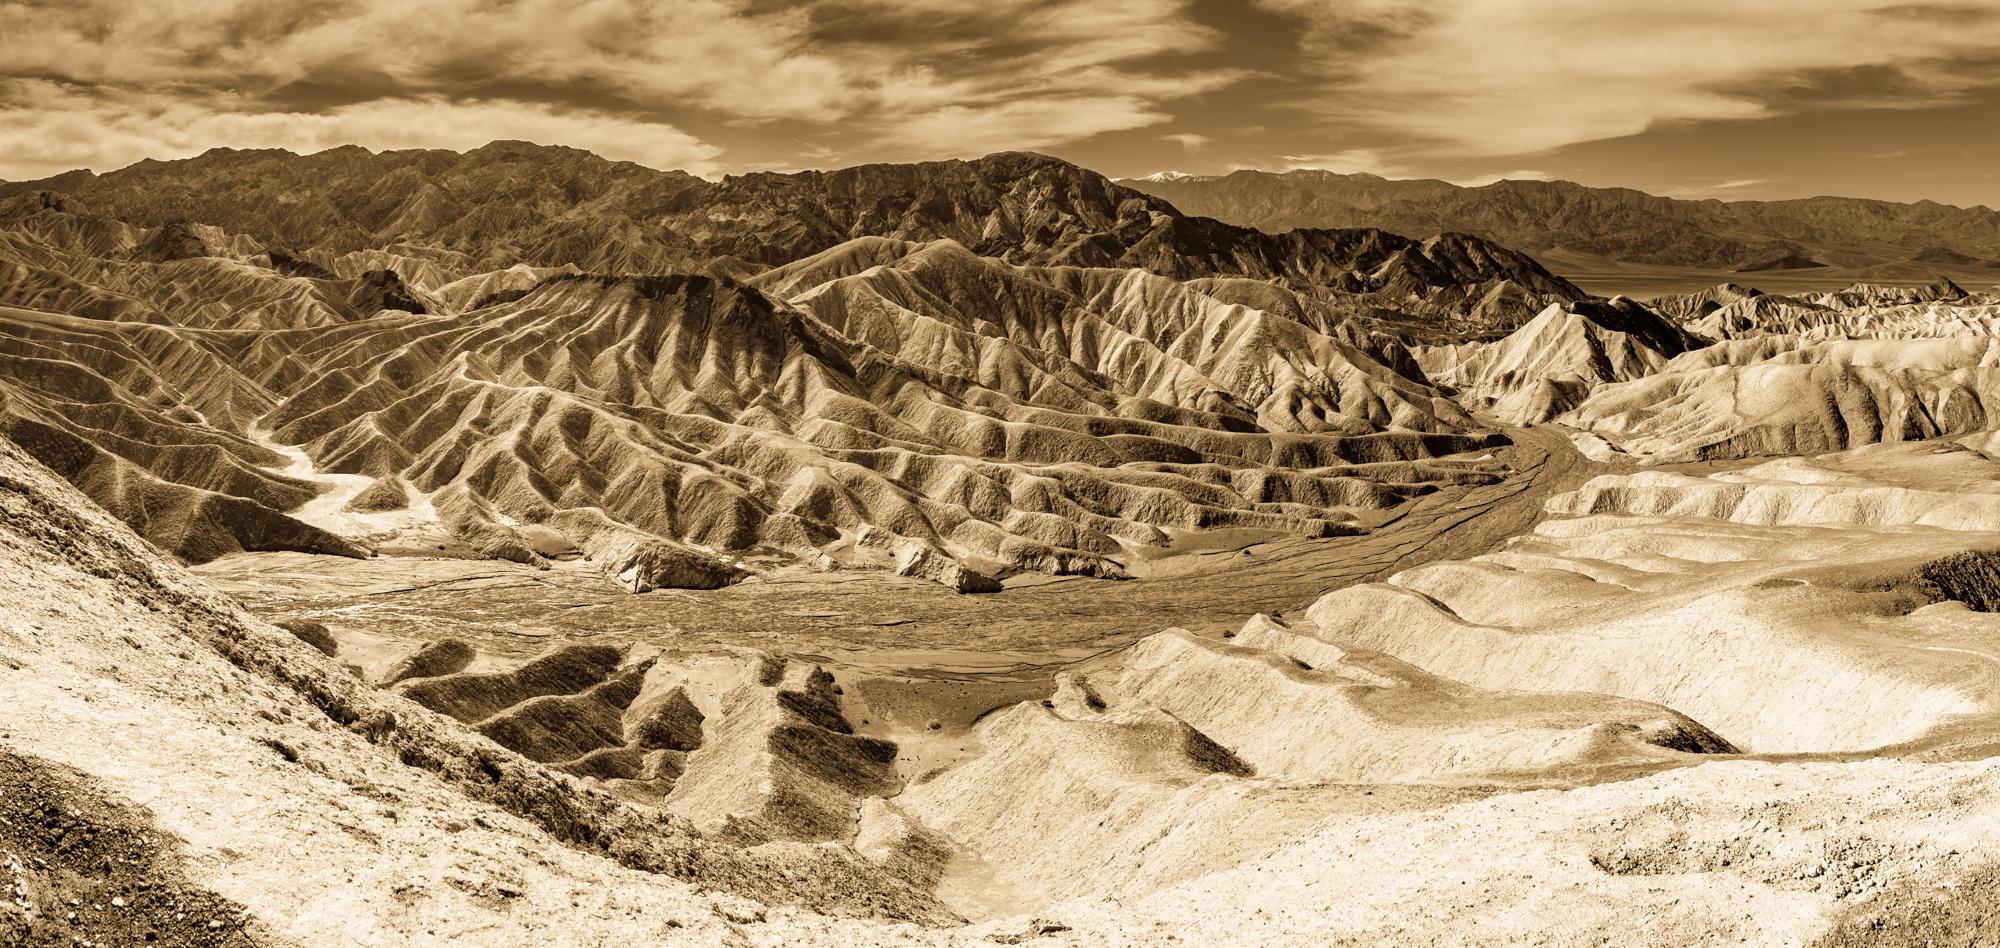 Gower Gulch - Death Valley